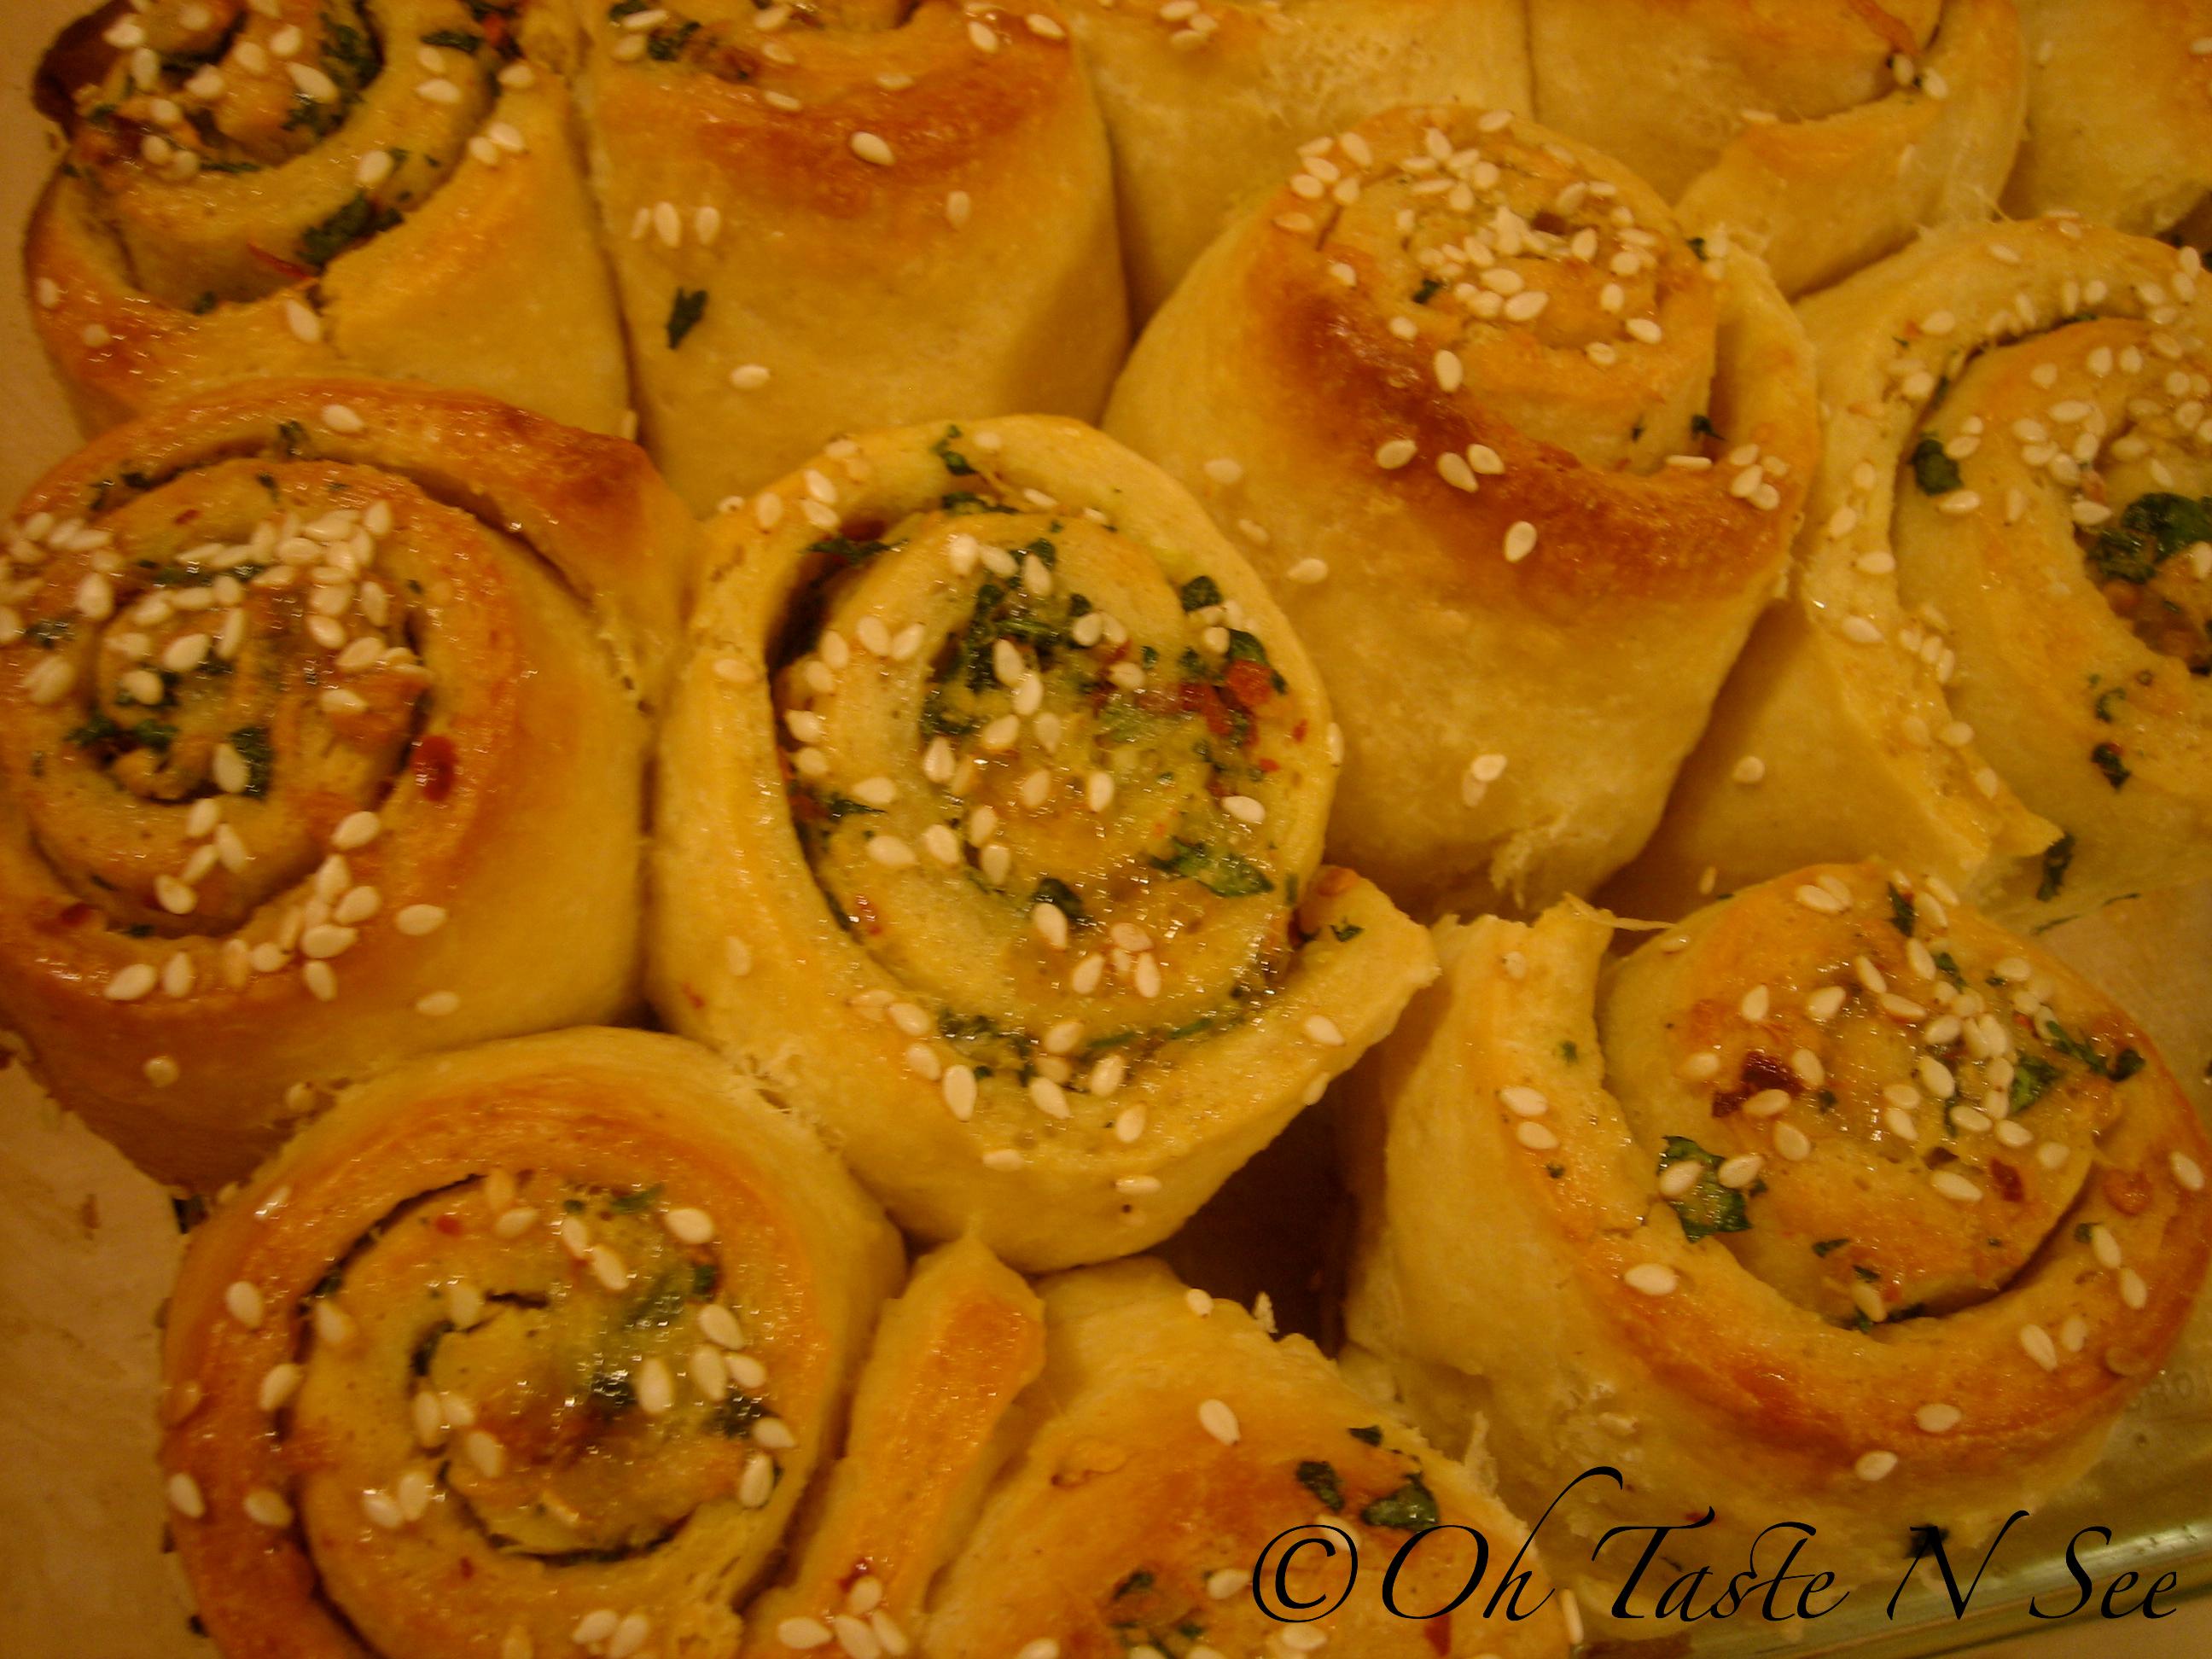 img 6975 wm - Garlic roll